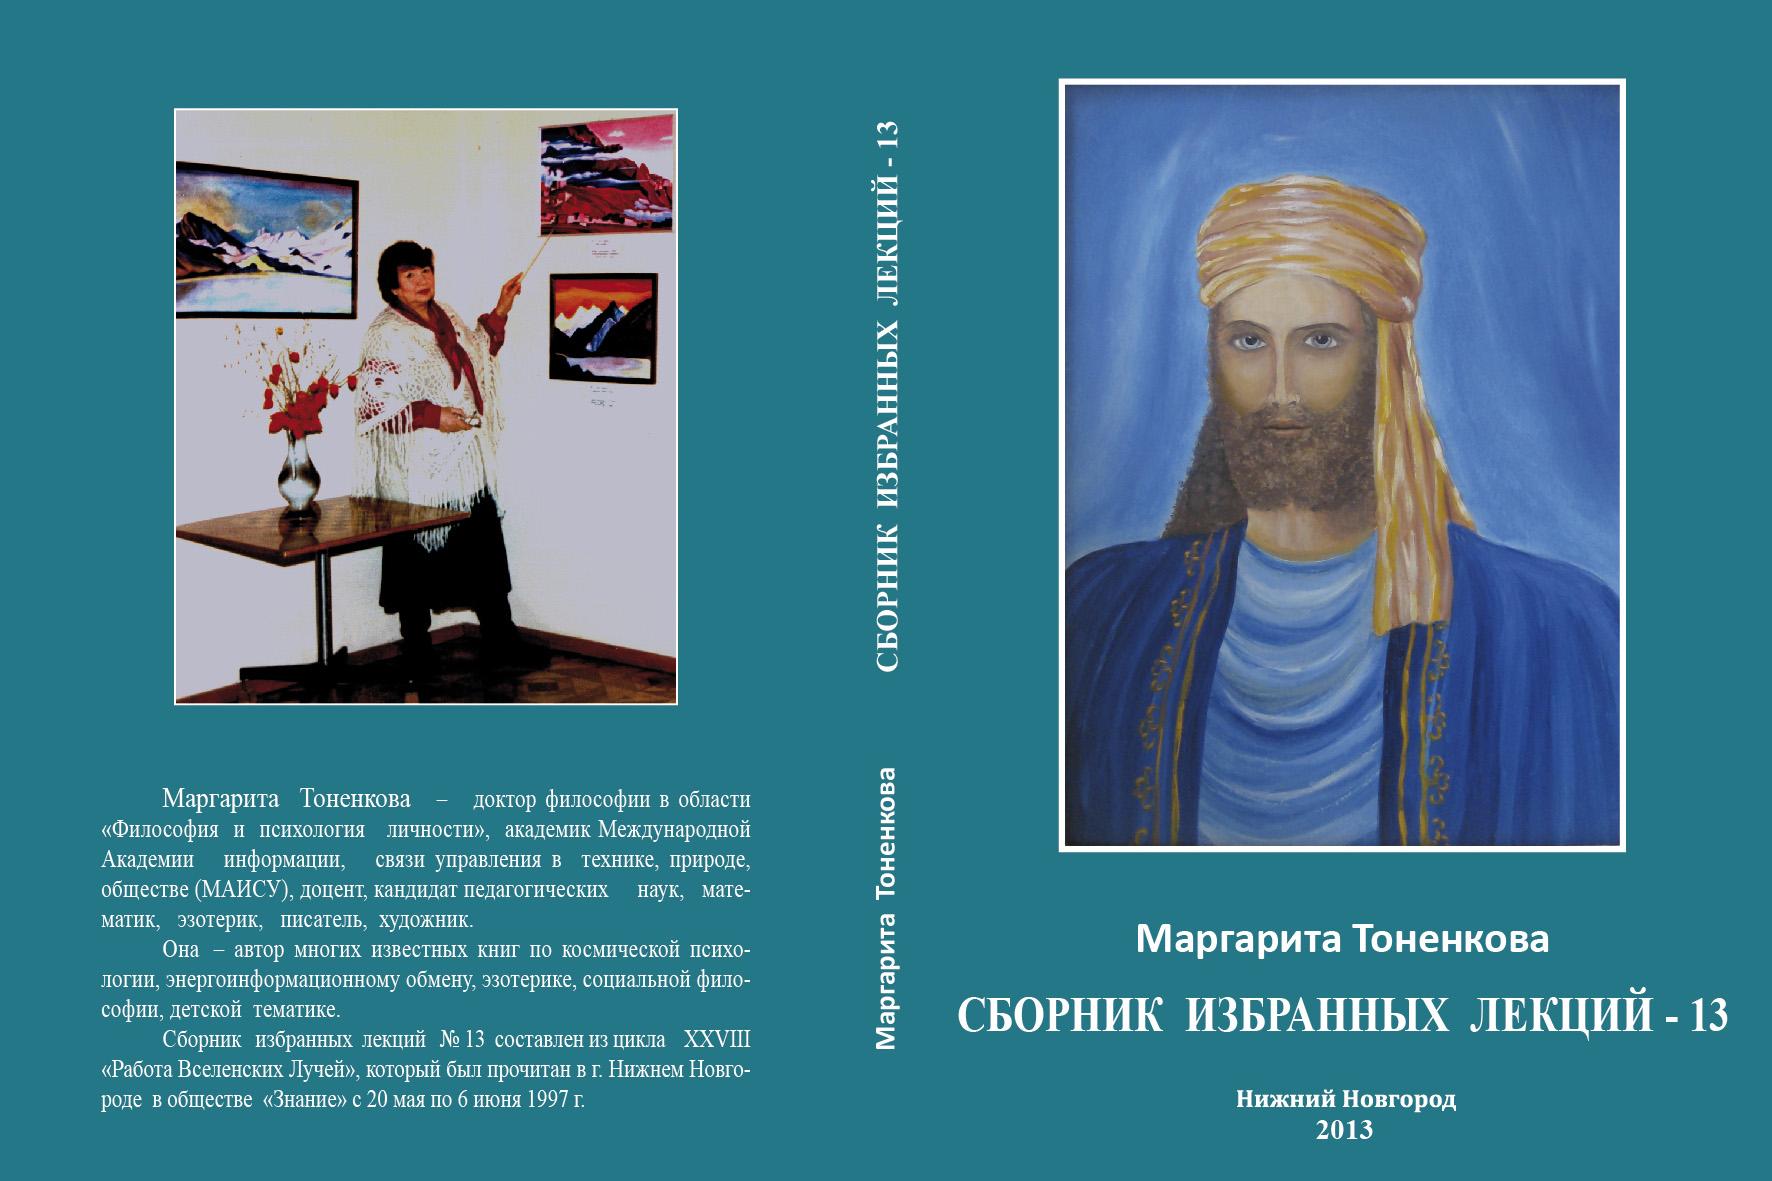 Сборник избранных лекций - 13